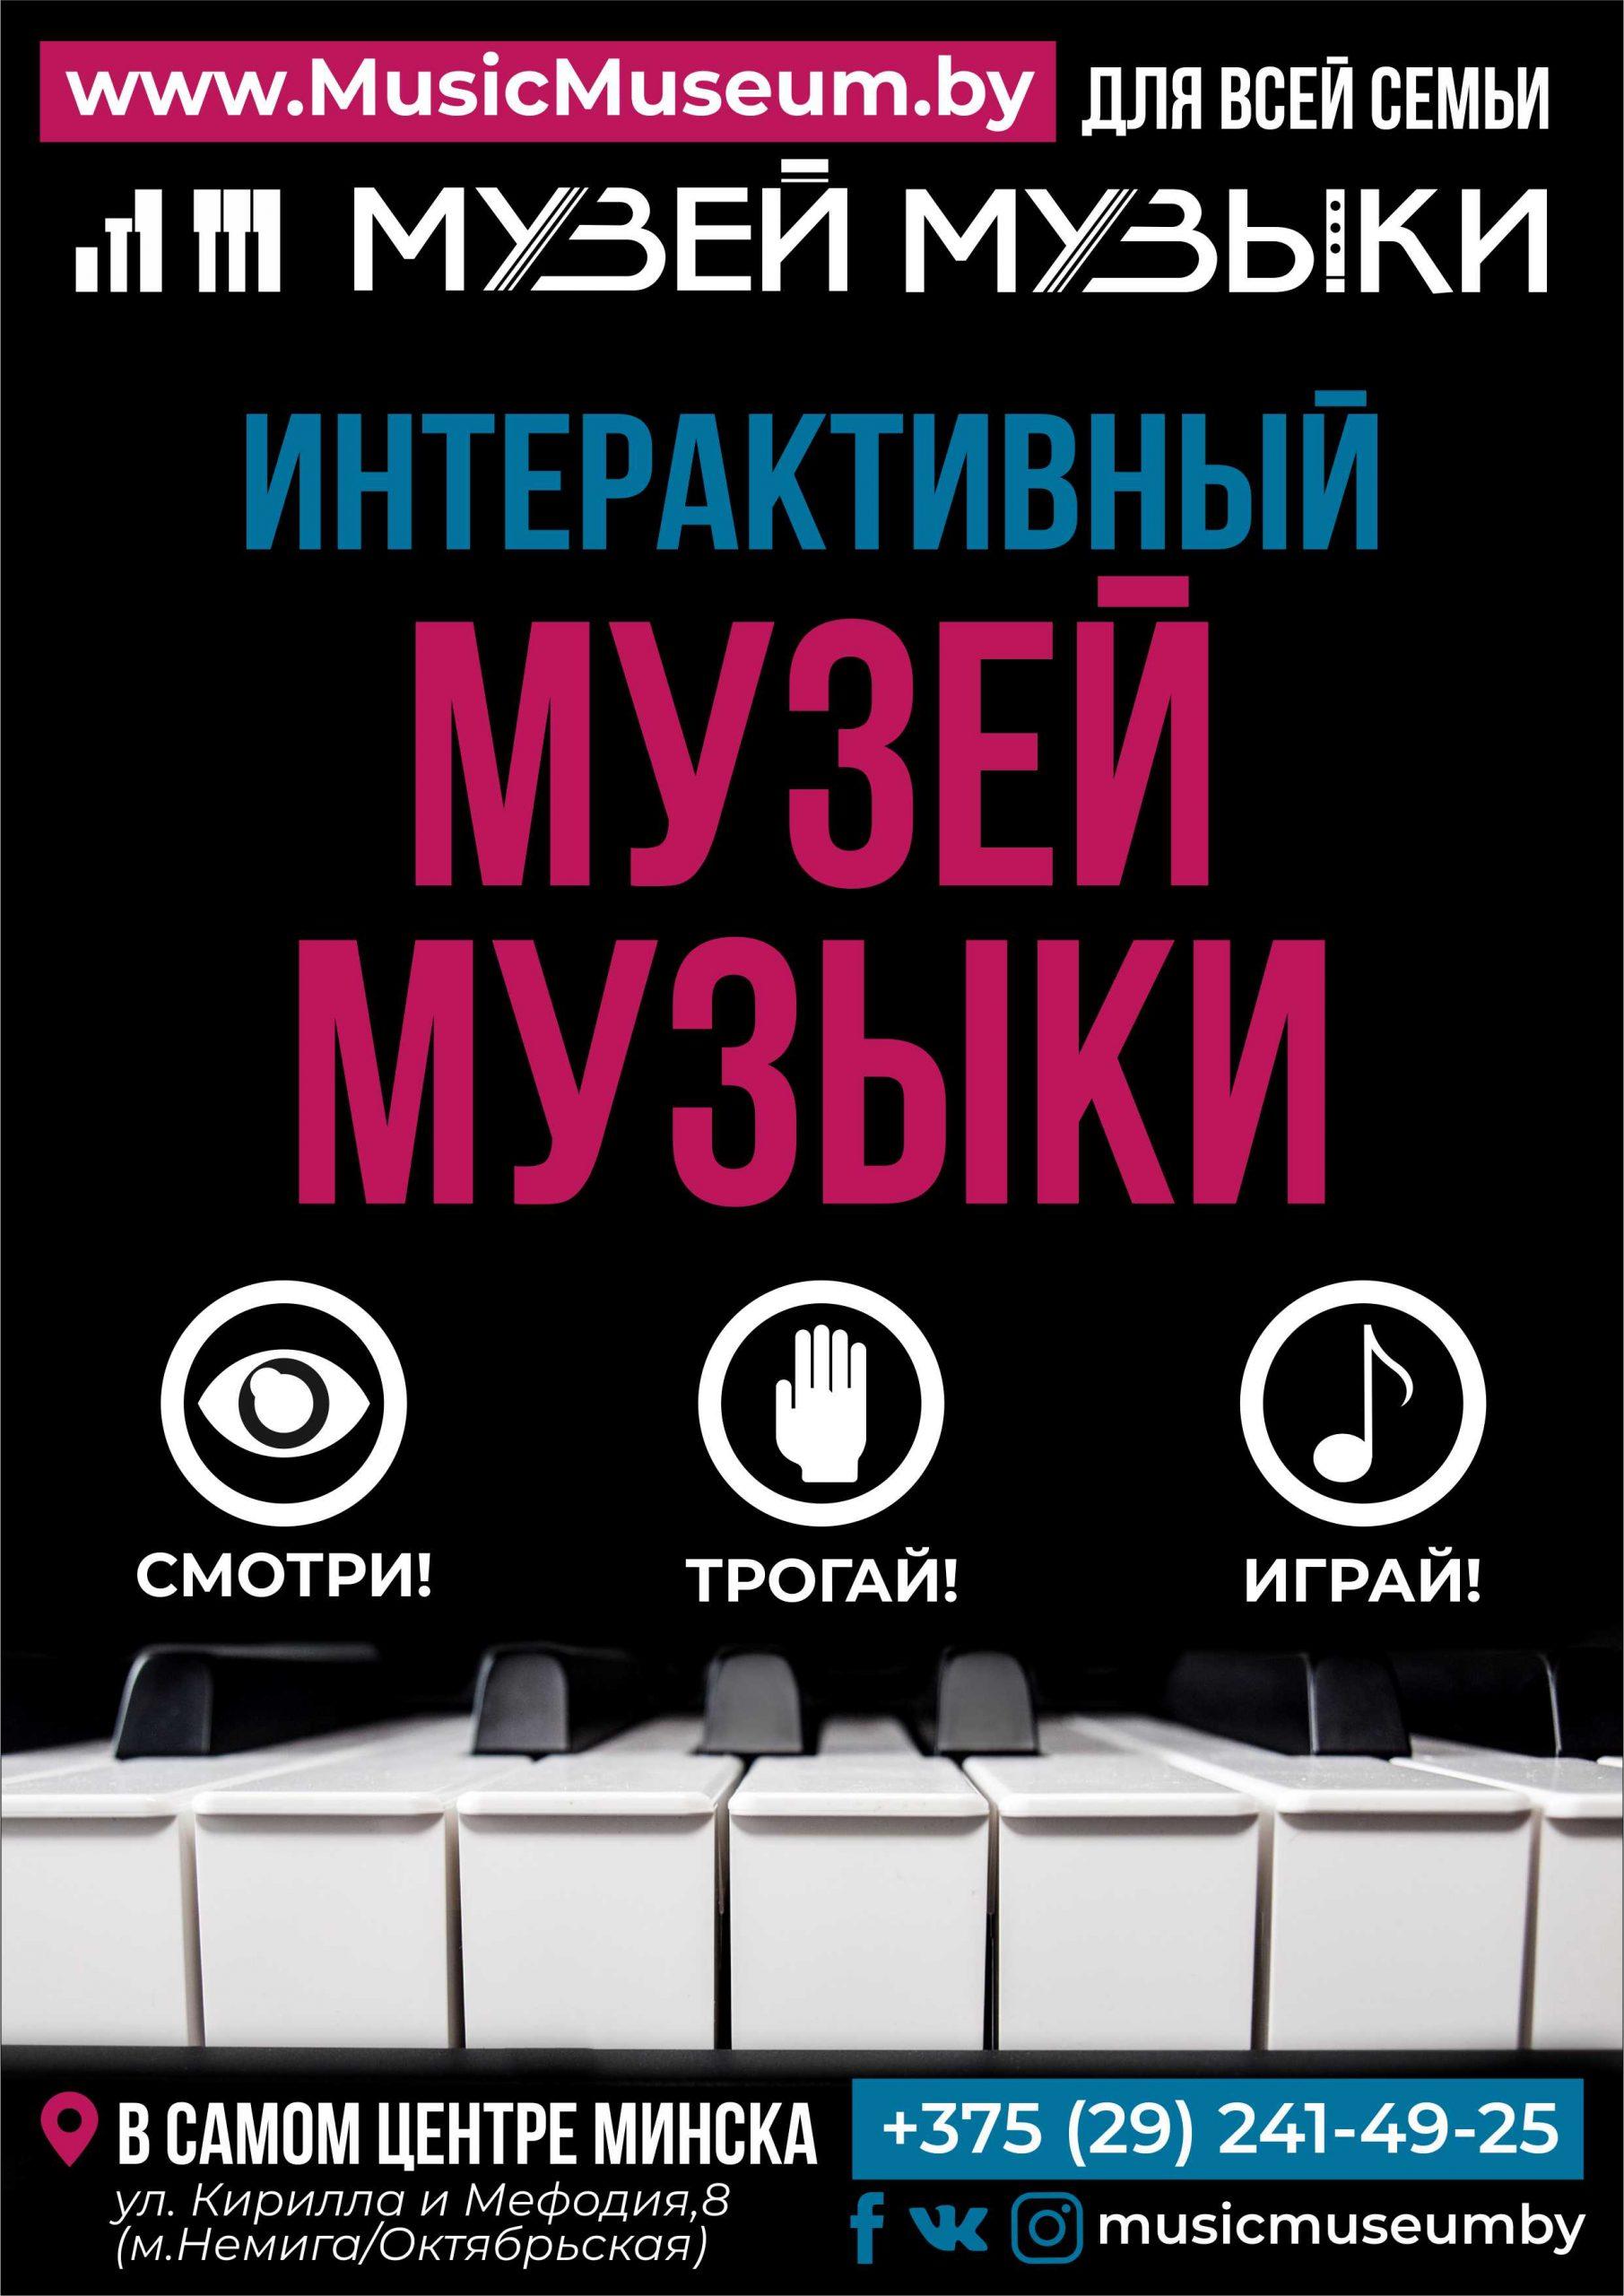 Интерактивная экскурсия в Музей Музыки @ Интерактивный Музей Музыки